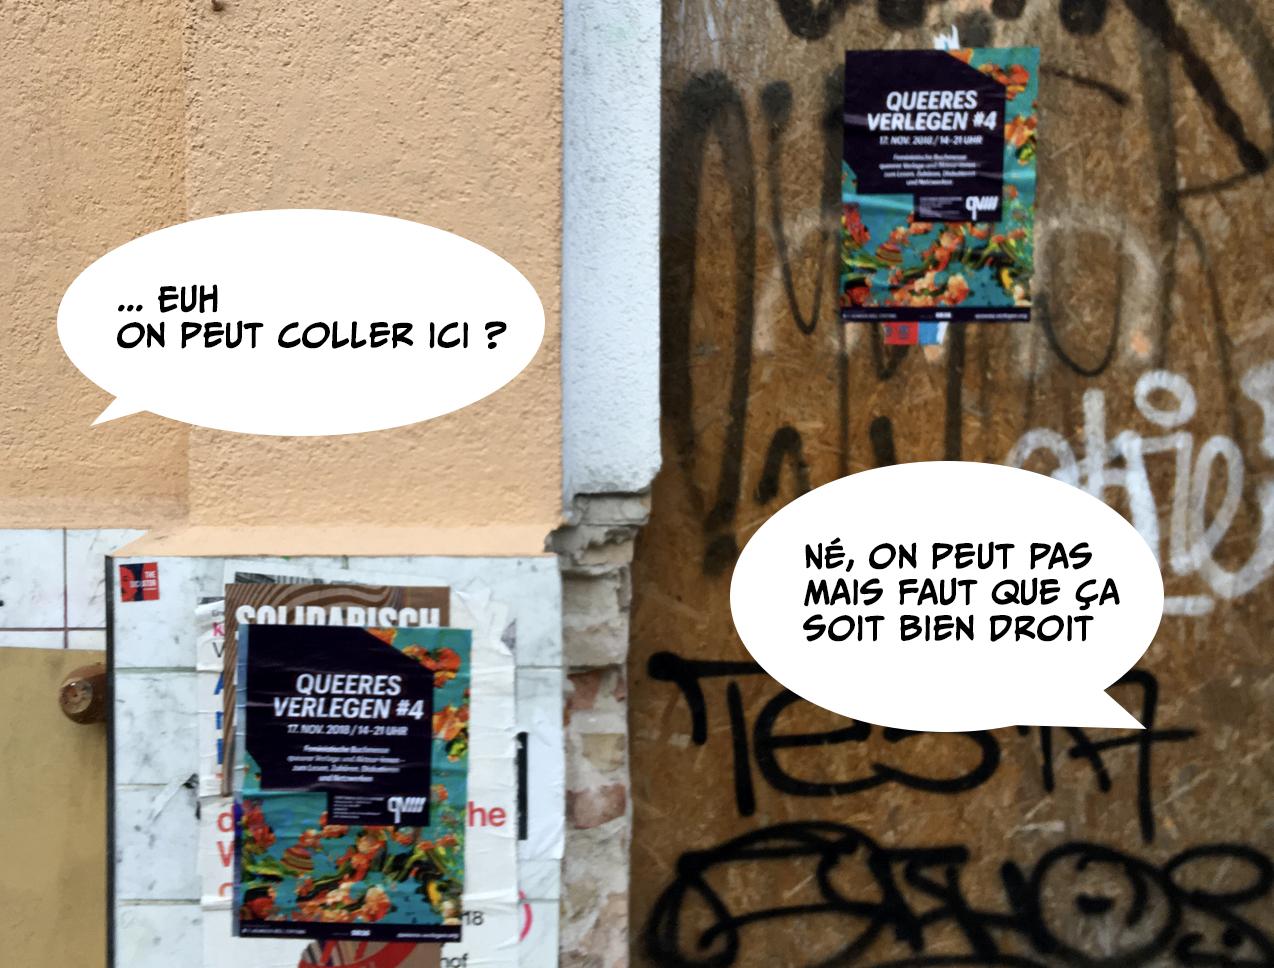 Queeres-Verlegen-affiches